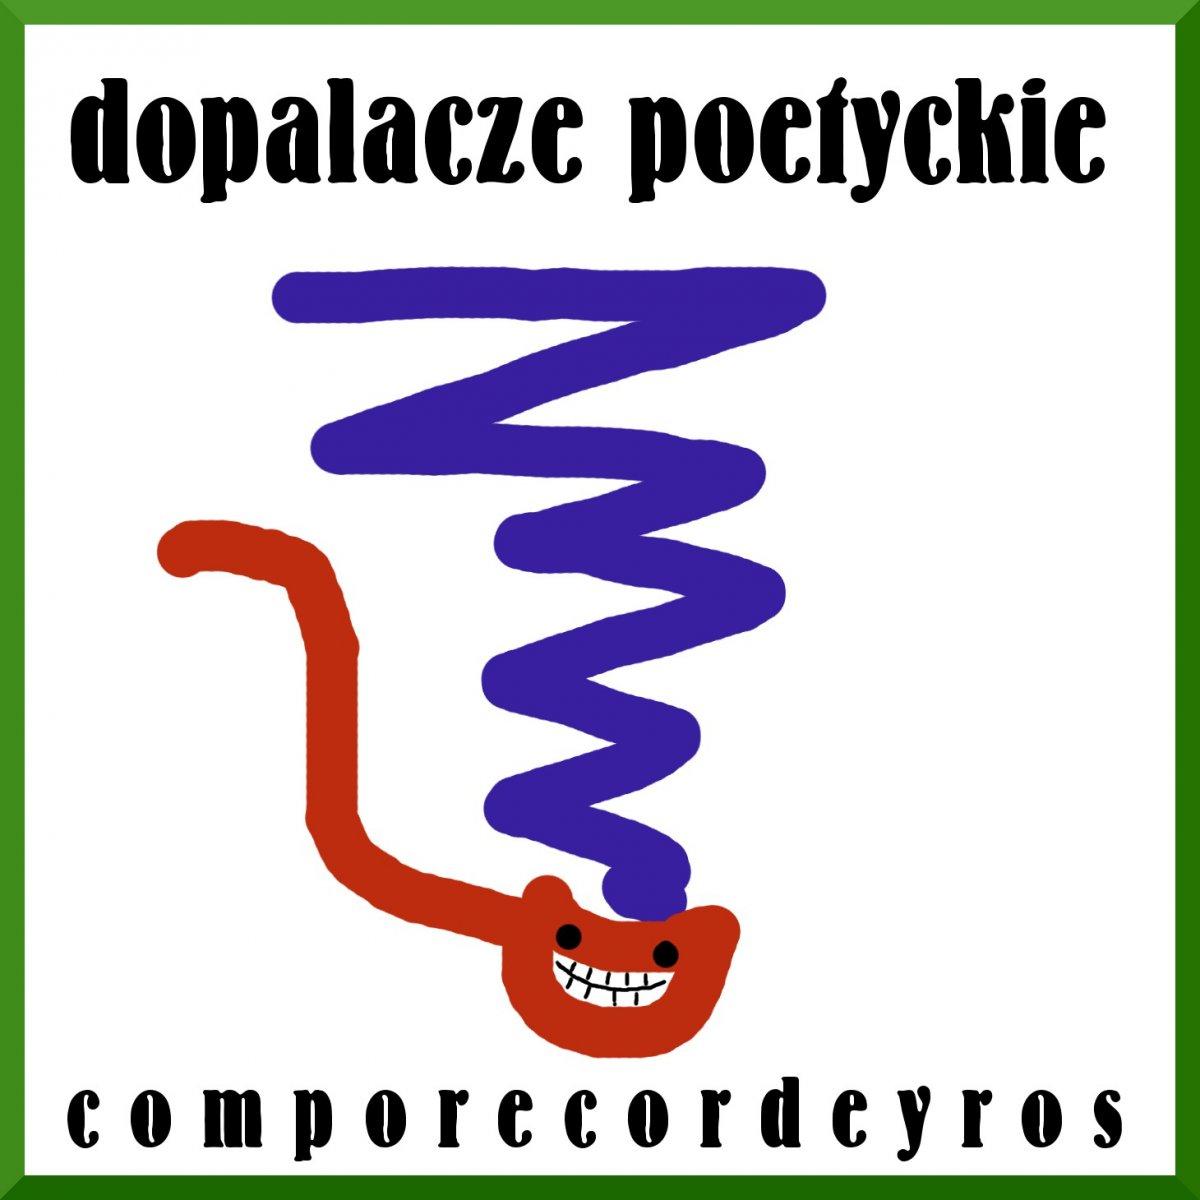 Dopalacze poetyckie (teksty) - Ebook (Książka PDF) do pobrania w formacie PDF